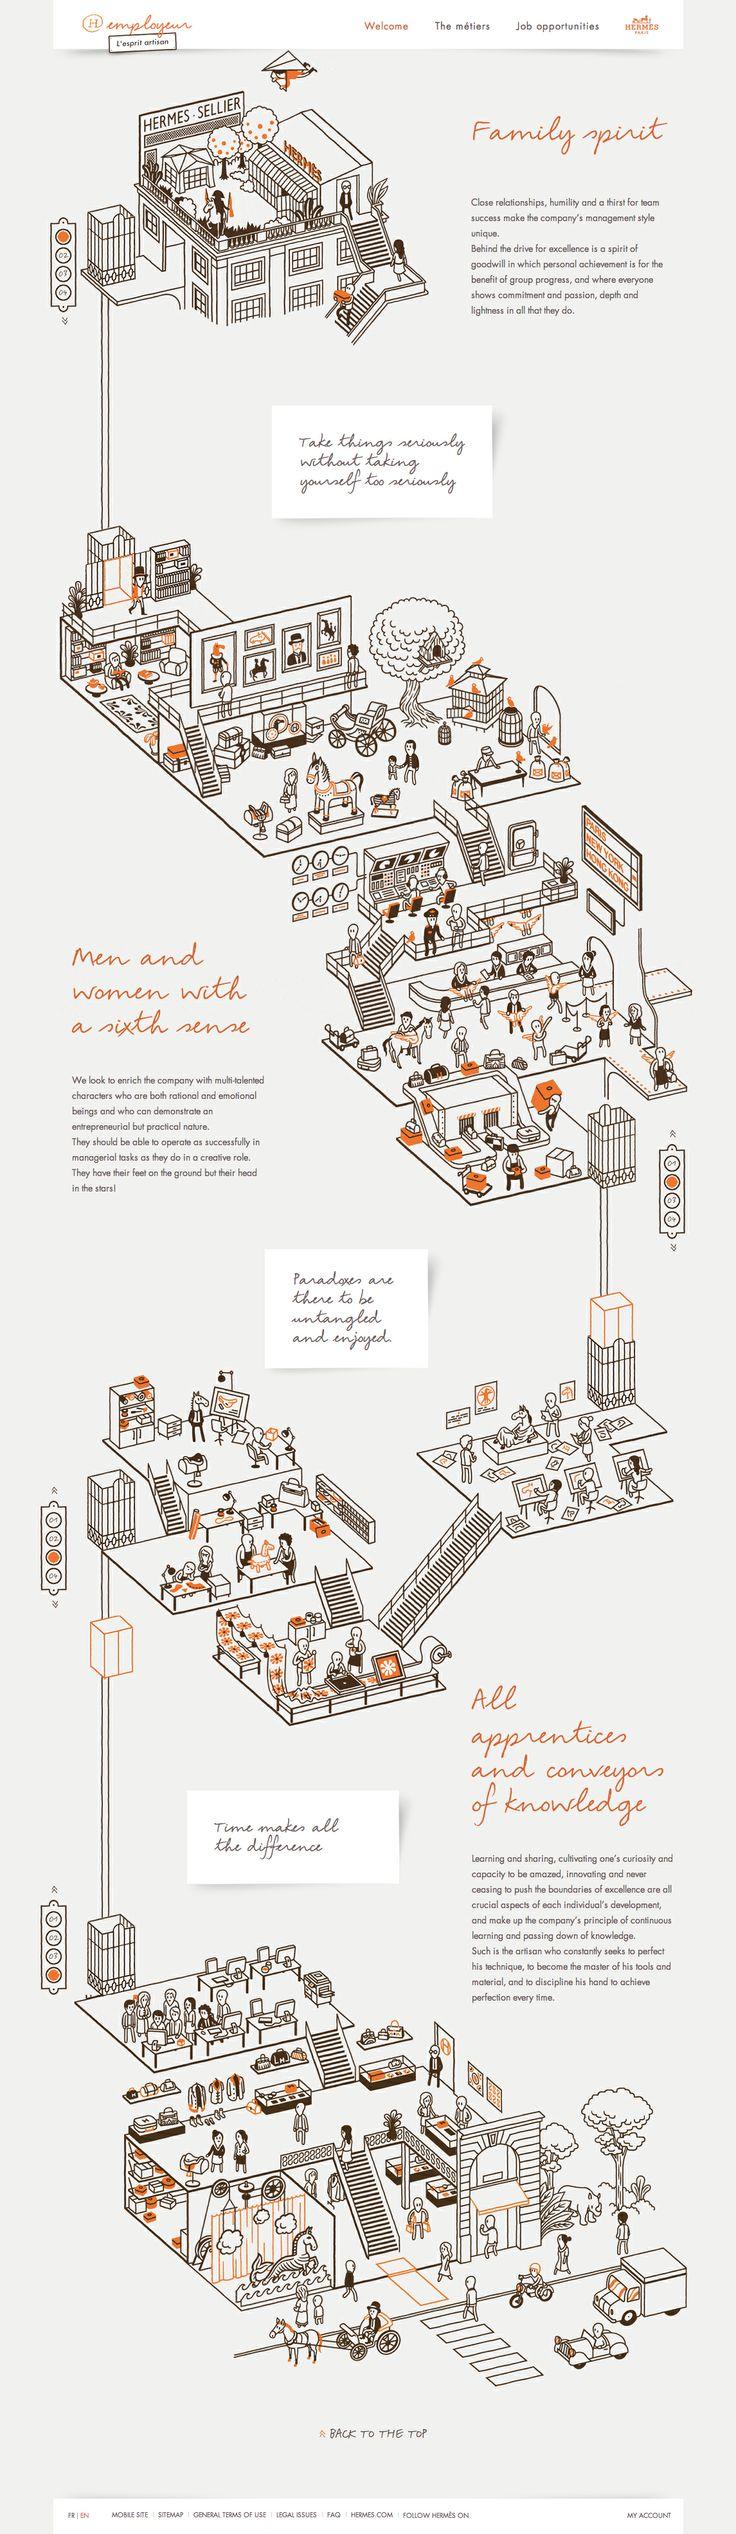 Hermès employeur http://www.hermesemployeur.com/en